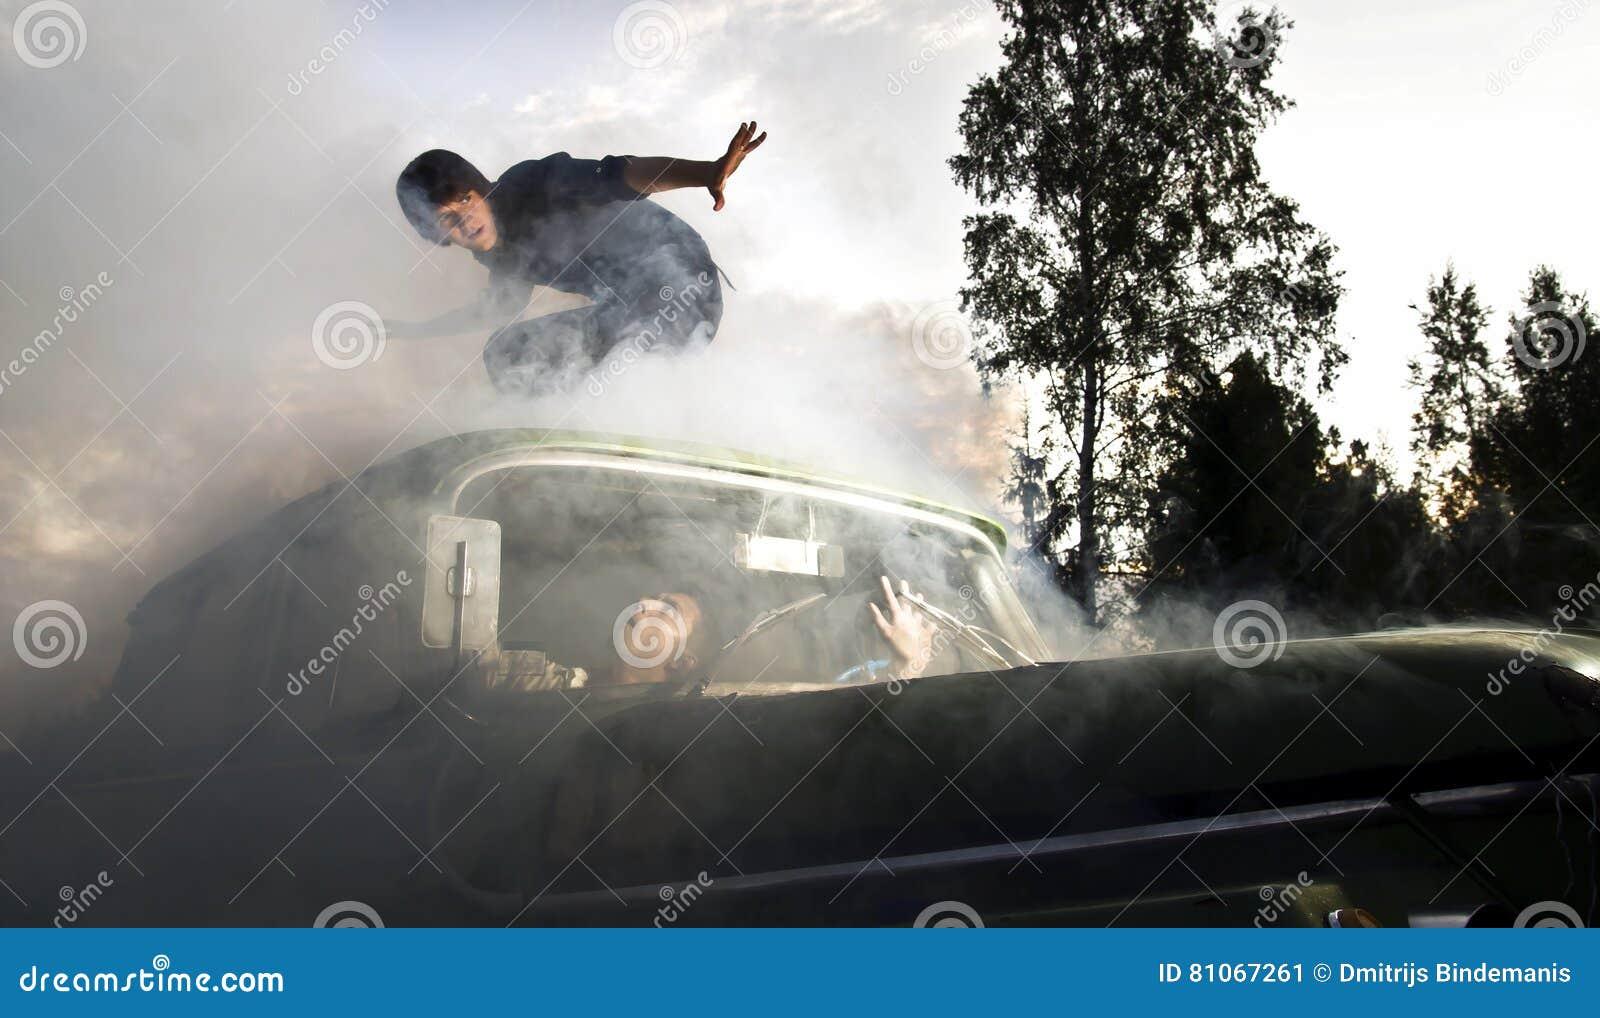 Kerle im Auto voll des Rauches